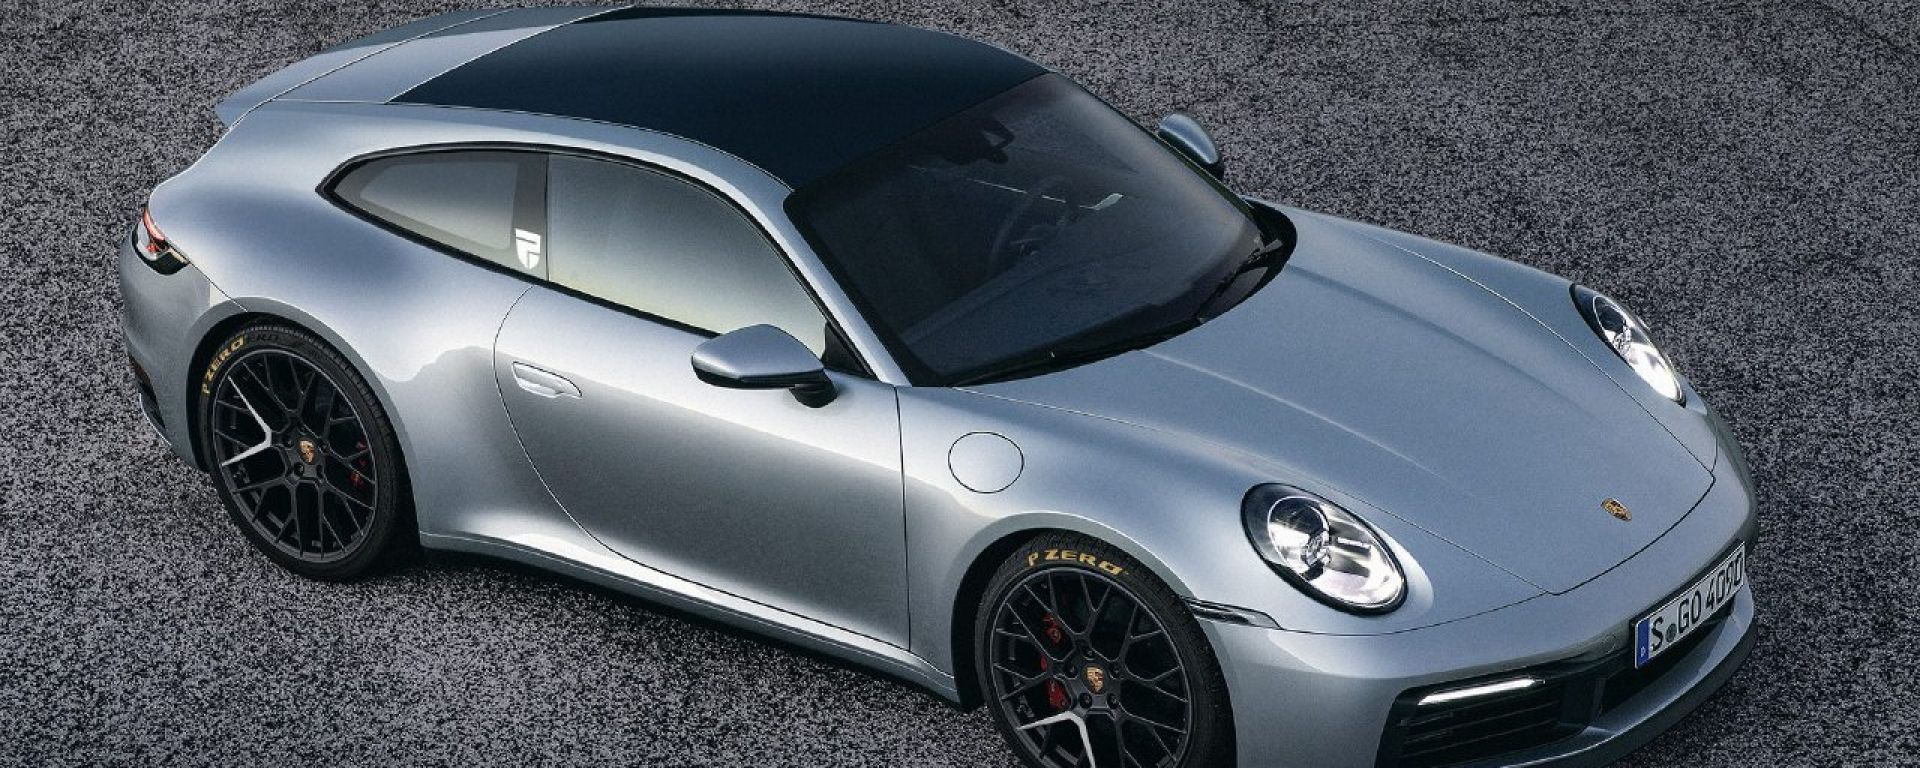 Porsche 911 Shooting Brake: un rendering la immagina così